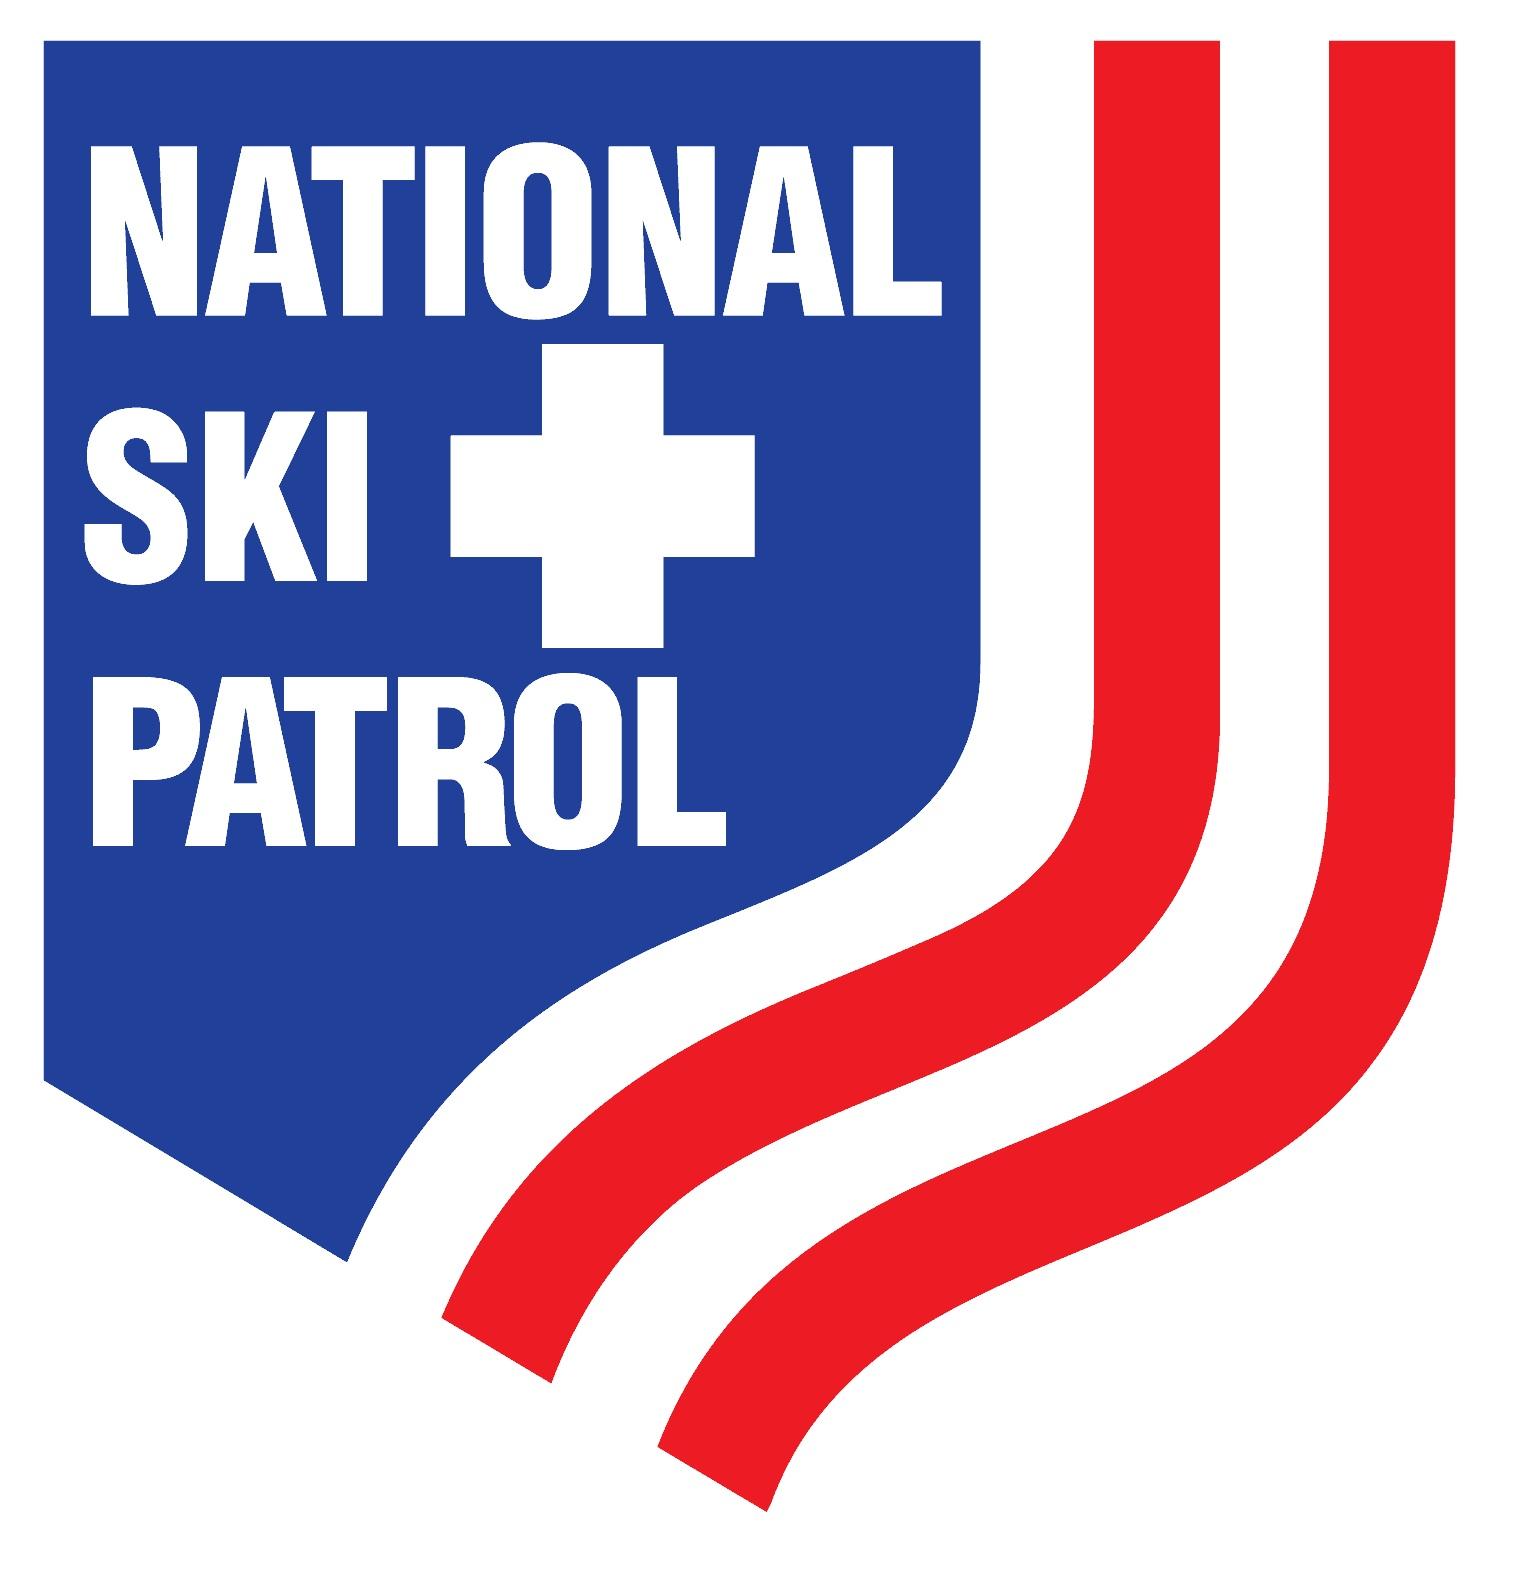 Red Cross clipart ski patrol Patrol Skiing: logo Ski logo